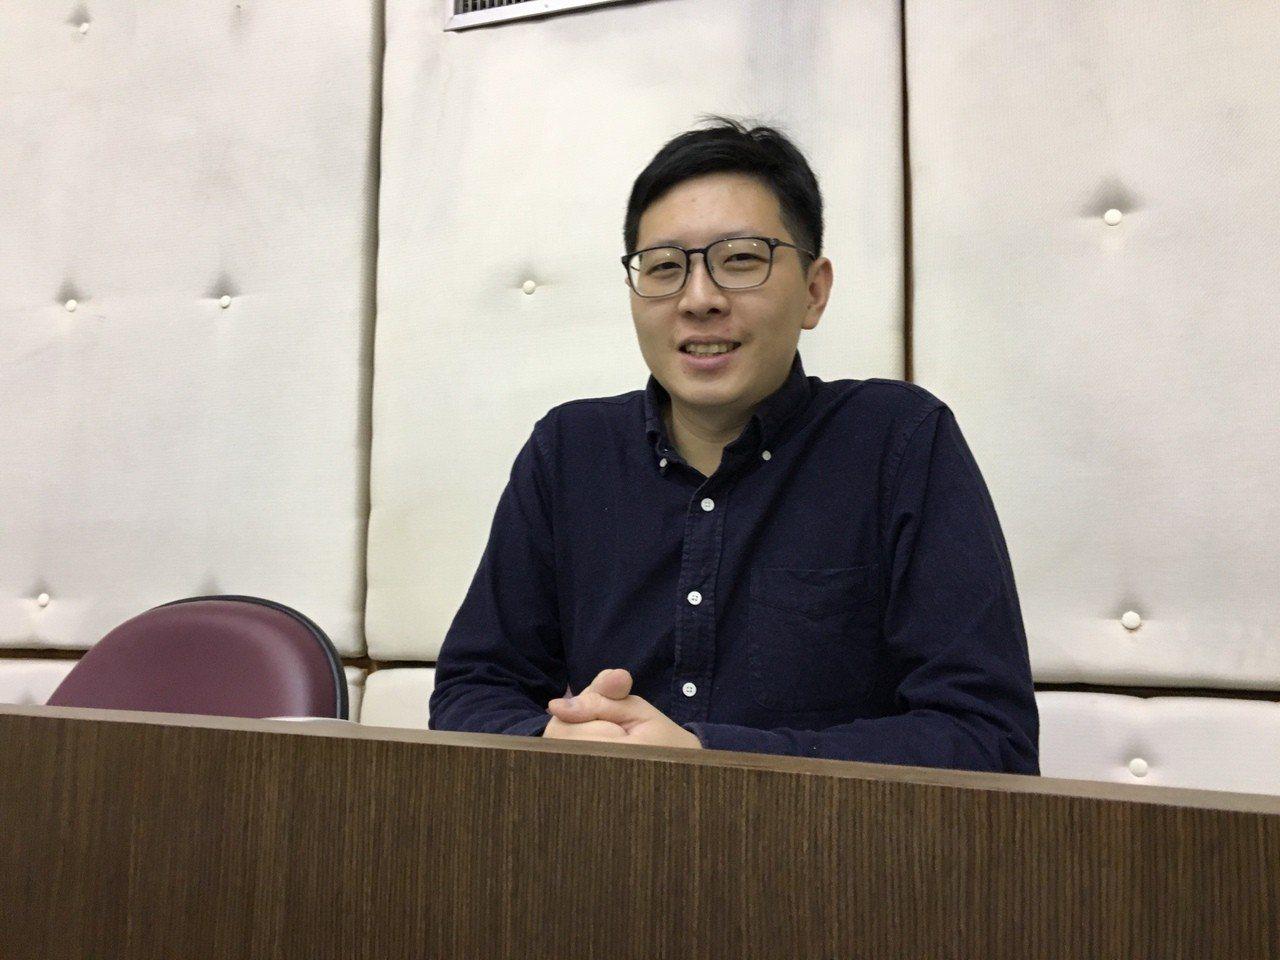 綠黨桃園市議員王浩宇。本報資料照片